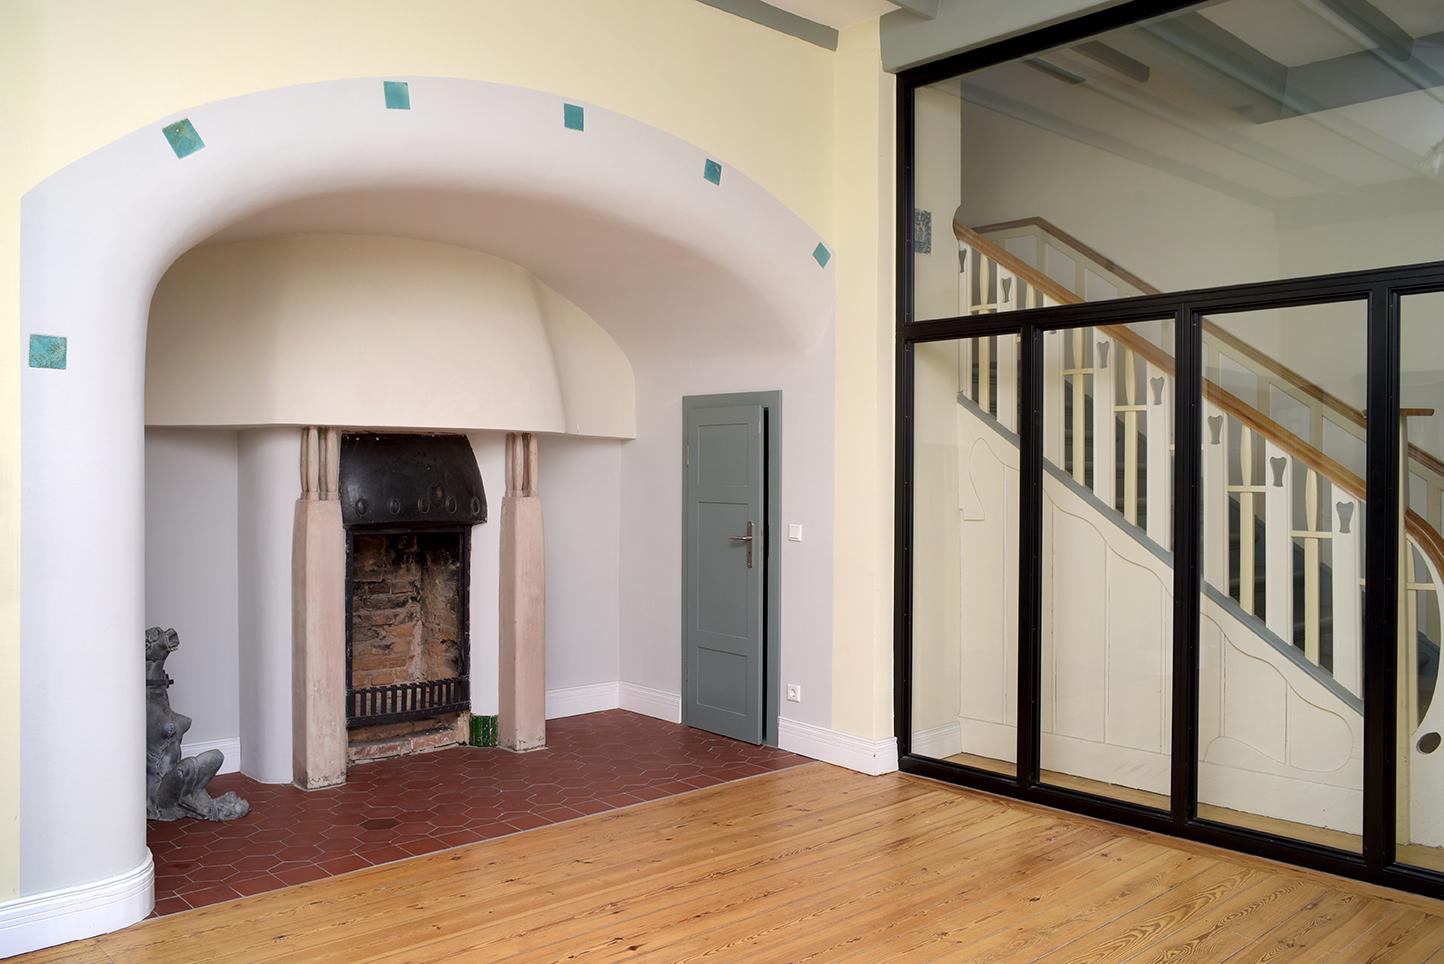 Lietzenburg Innenansichten - Bauzeitlicher Kamin in der Lobby